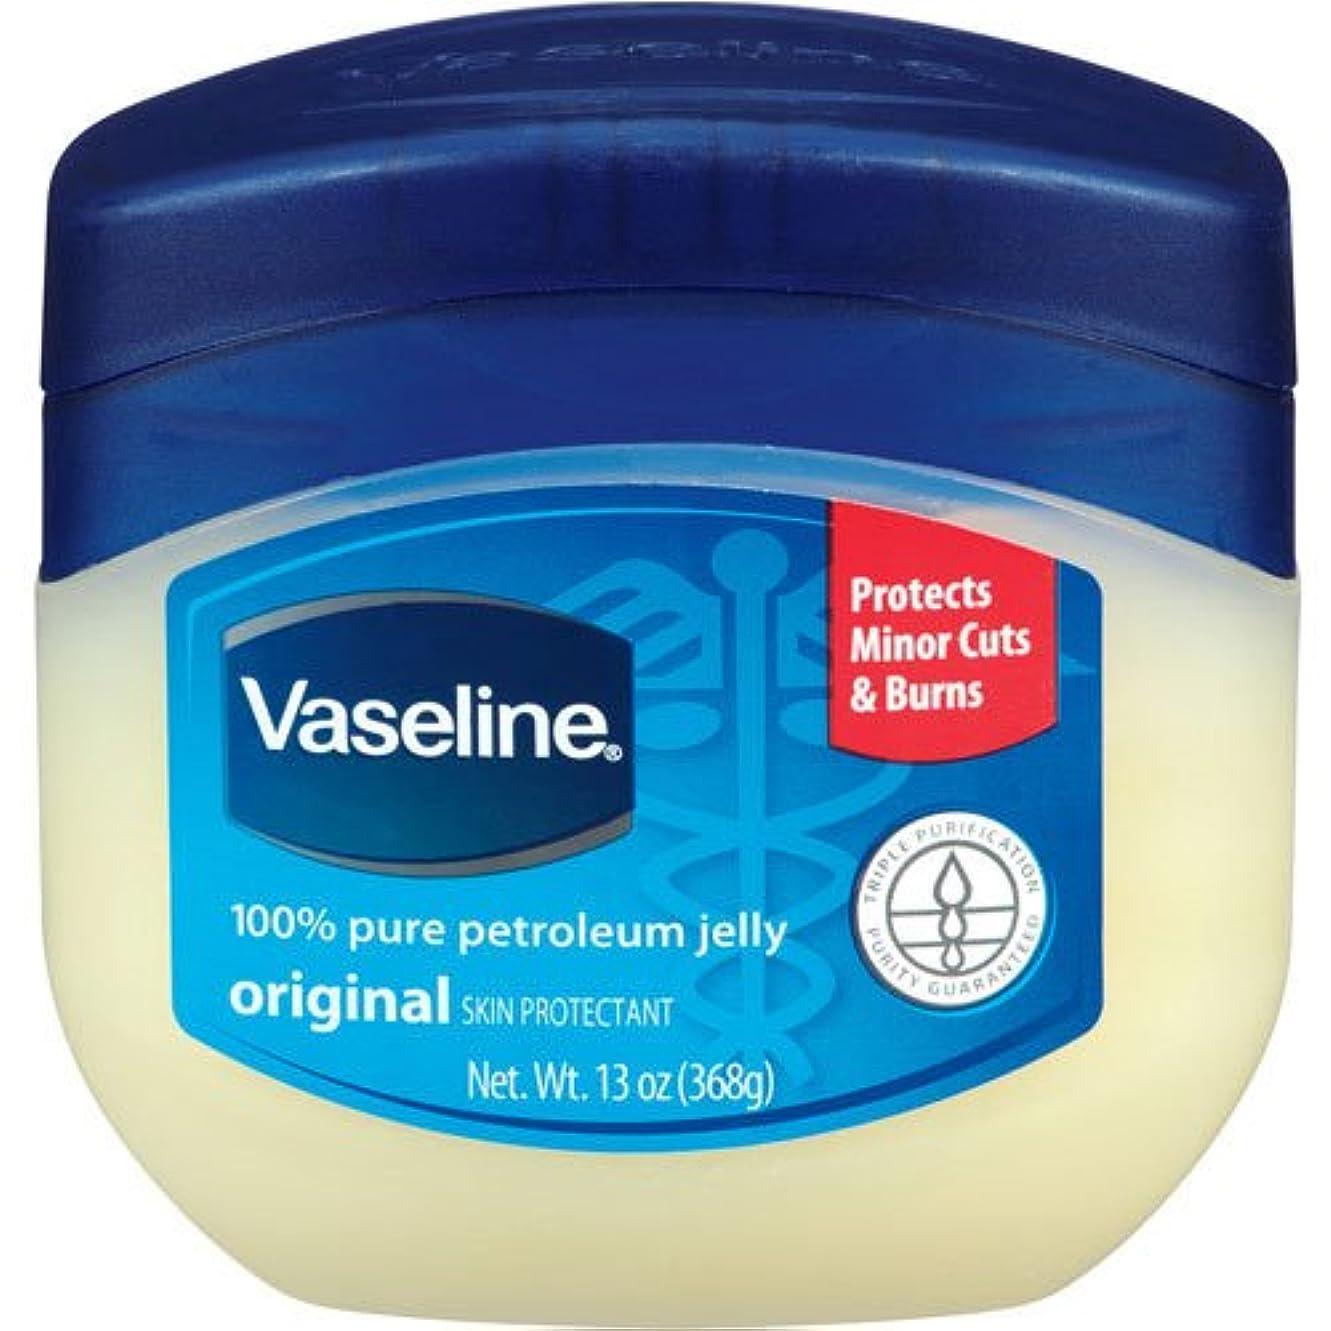 開いたやけど帽子ヴァセリン [Vaseline]ペトロリュームジェリージャータイプ[保湿クリーム]368g[並行輸入品]